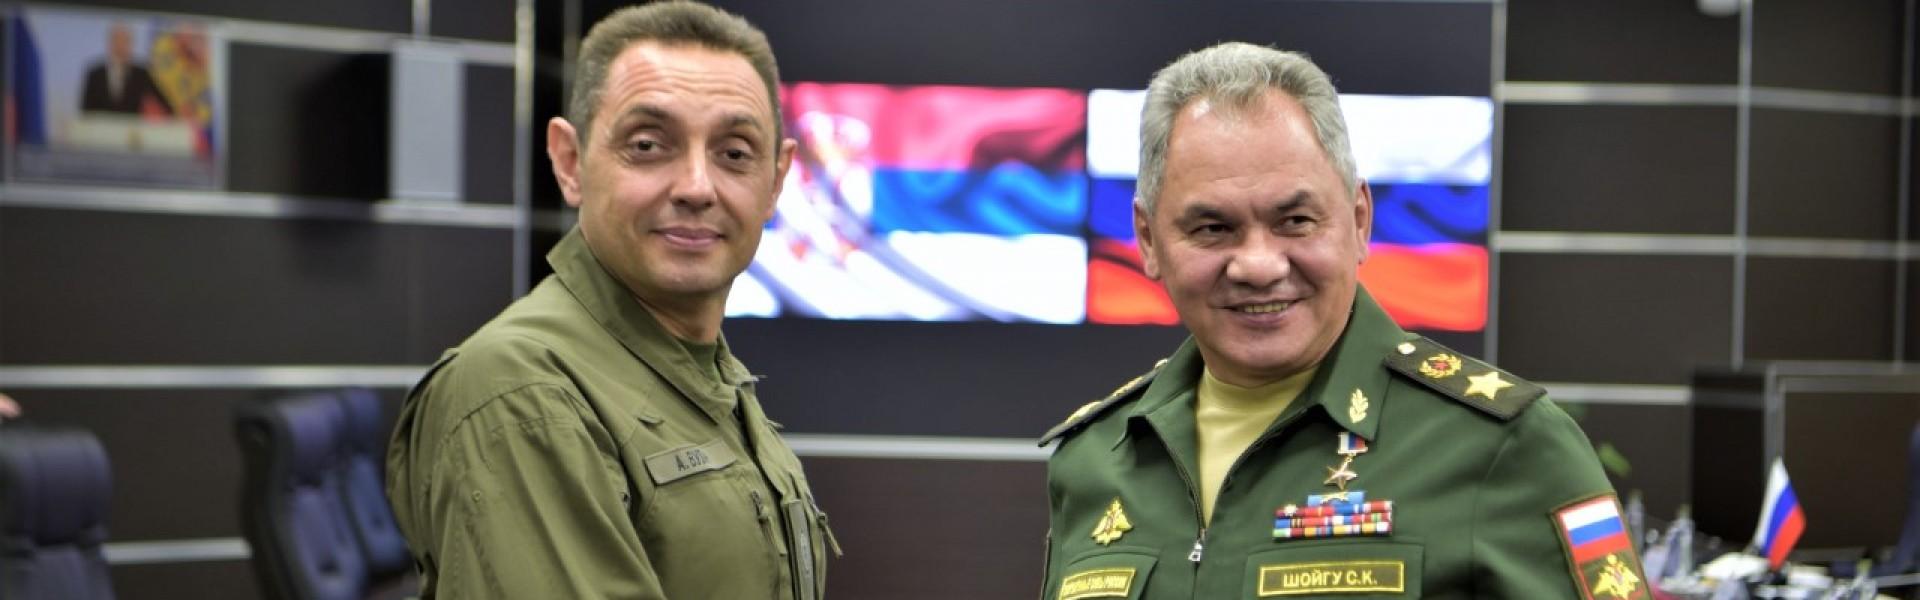 Министар Вулин: Споразум врховних команданата Вучића и Путина се спроводи и наставиће да даје резултате